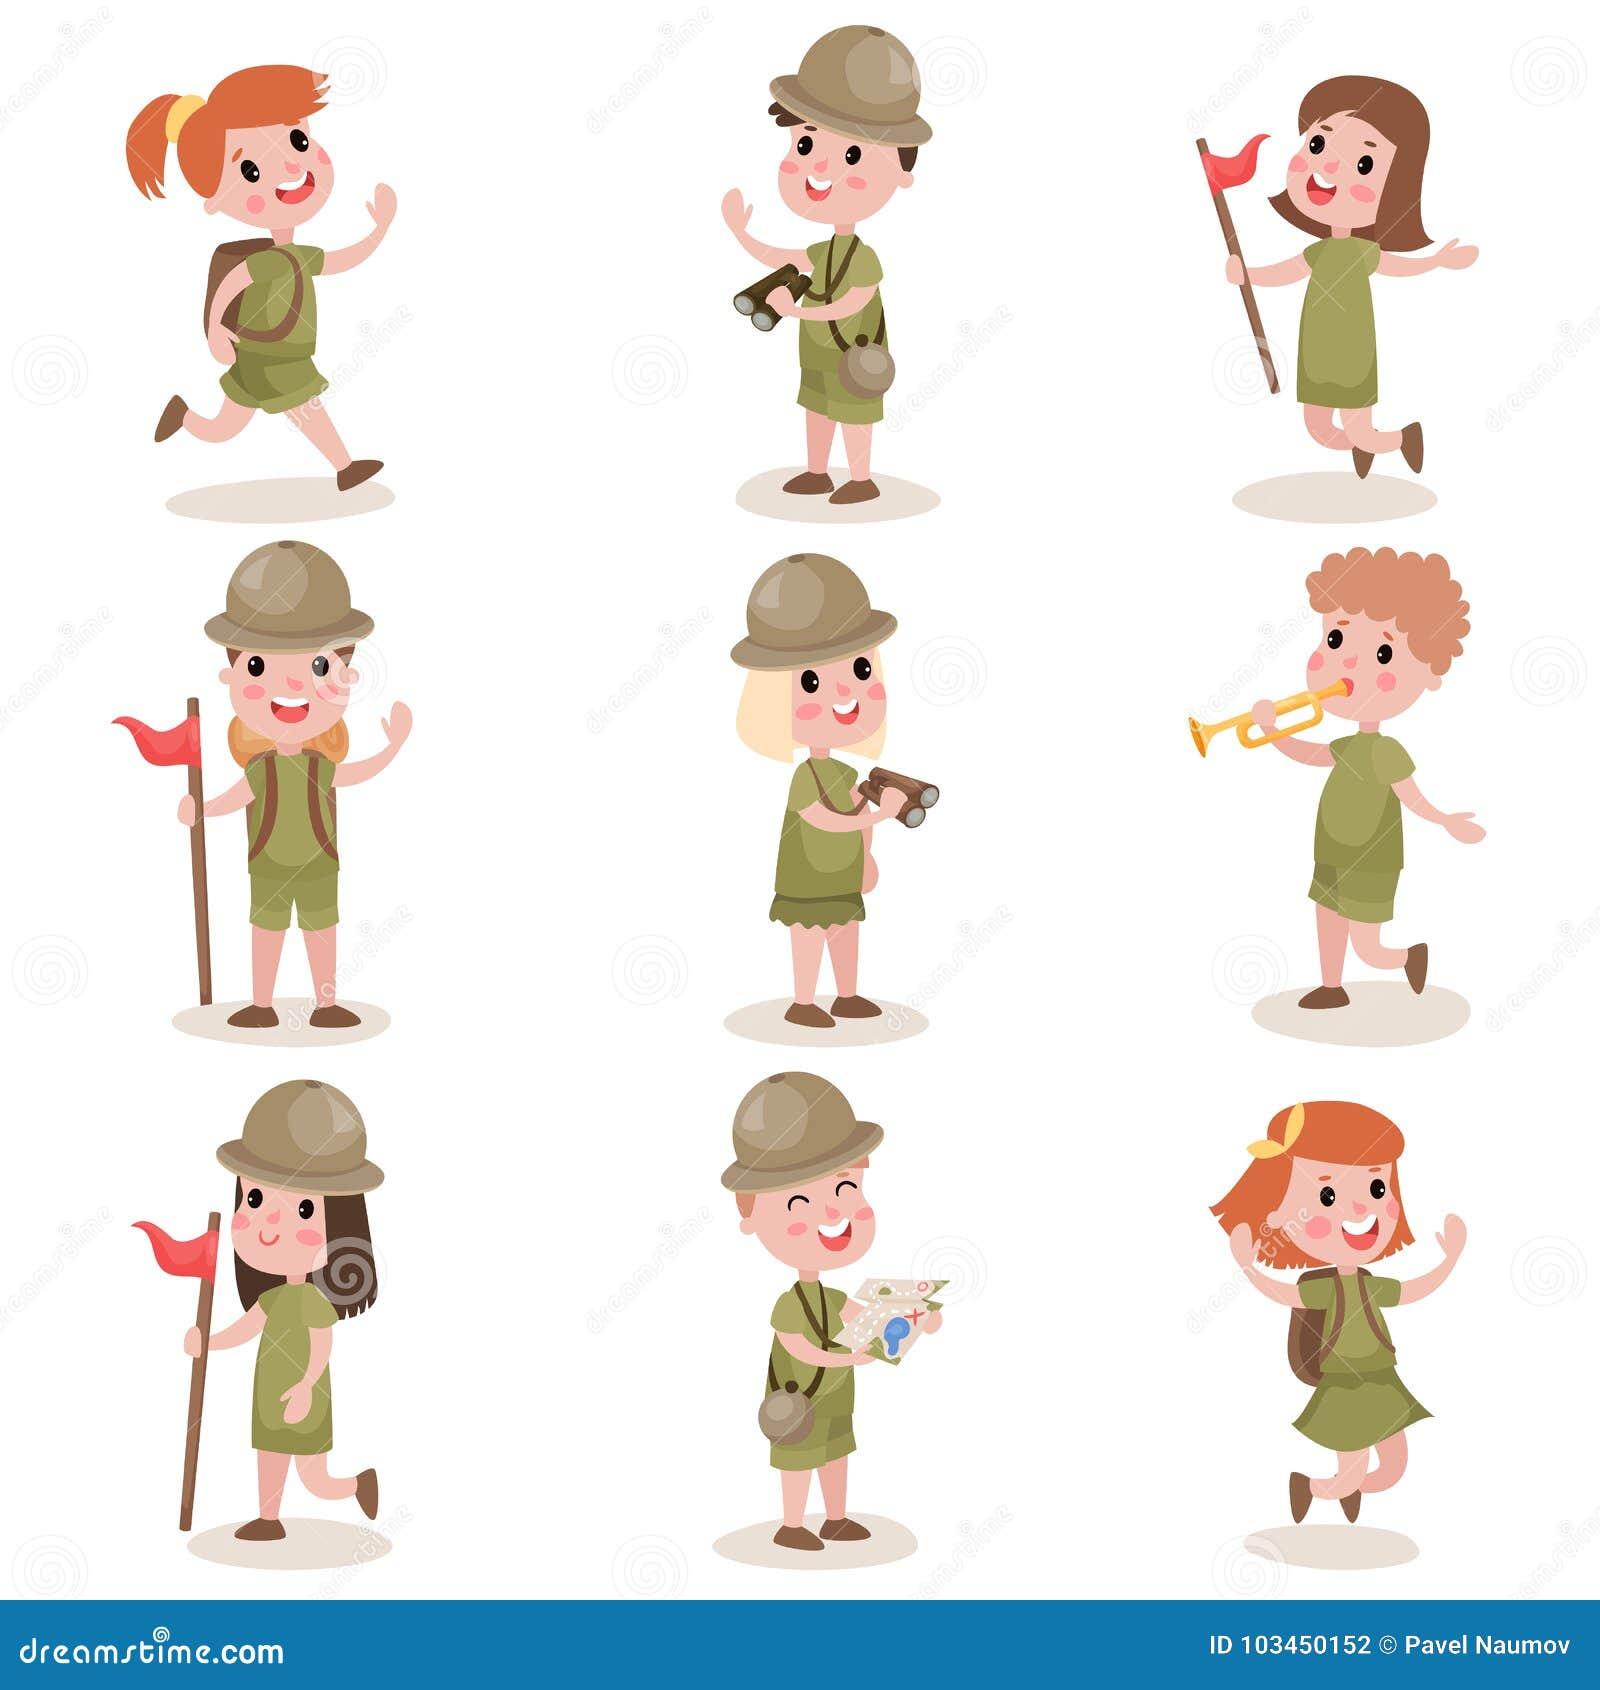 孩子的汇集侦察野营的成套装备,夏令营活动